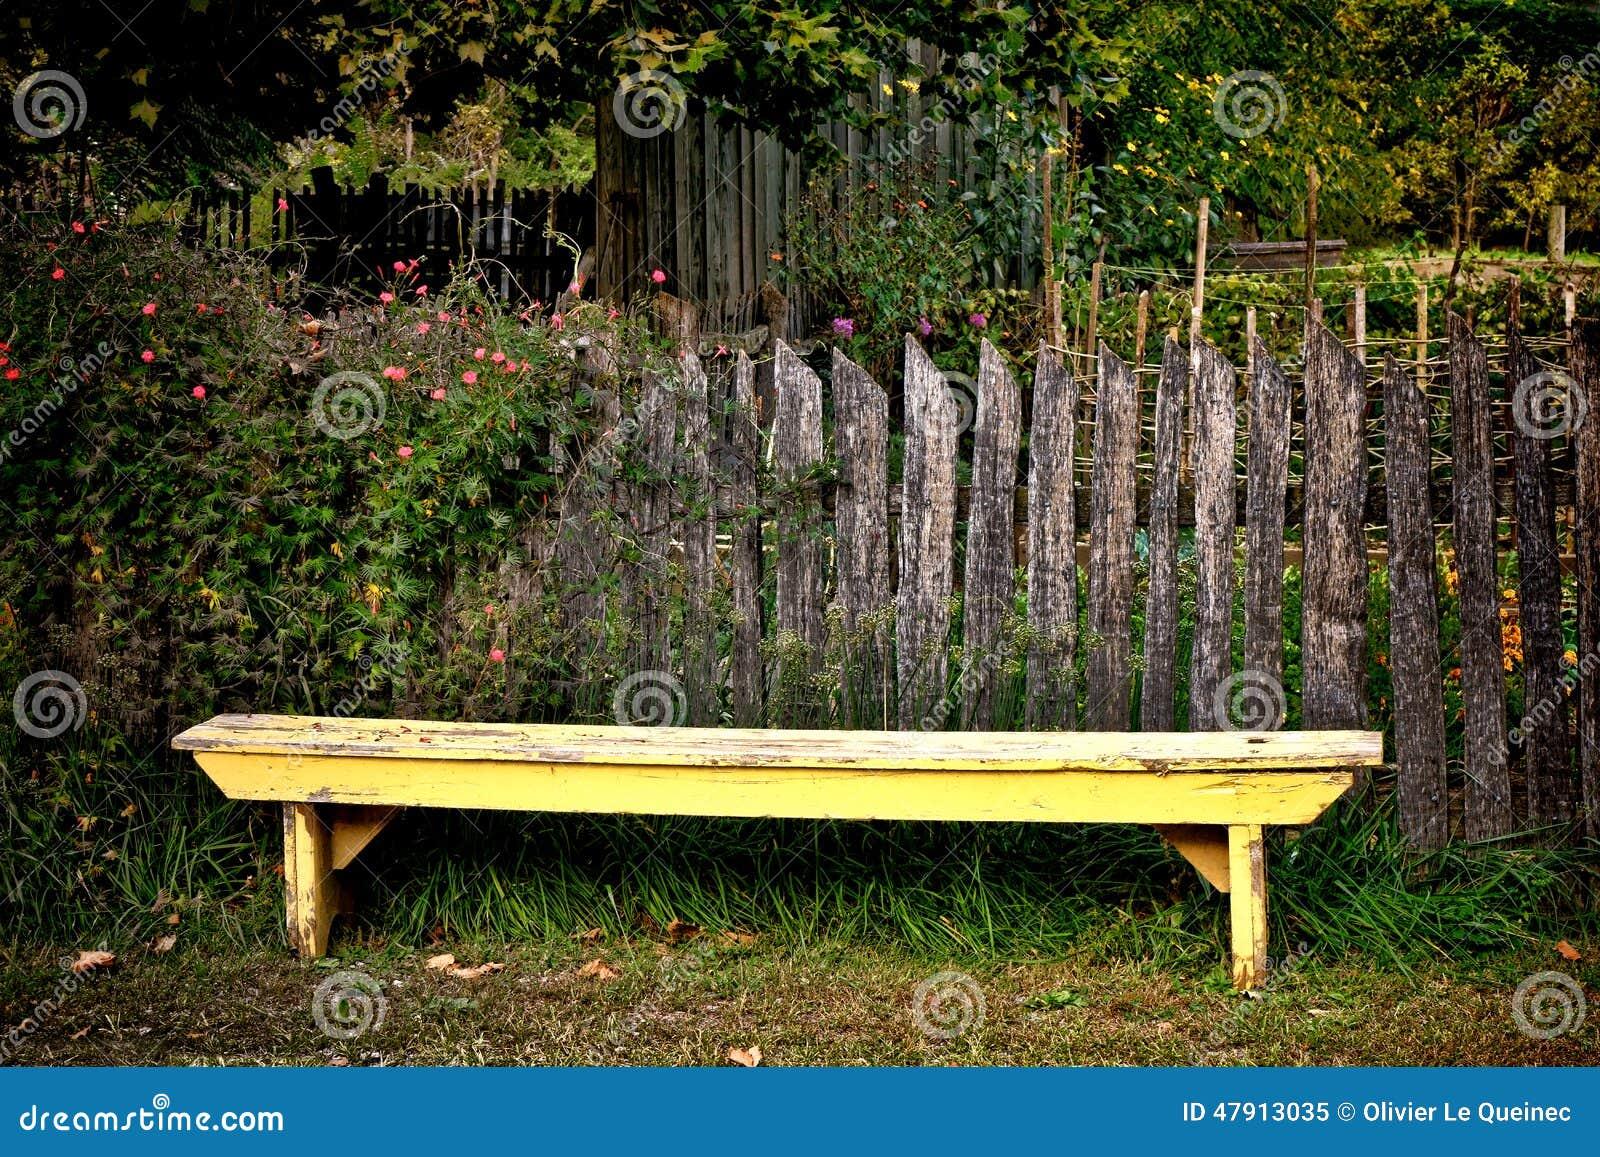 Banc jaune antique de jardin et vieille barri re de for Barriere de jardin